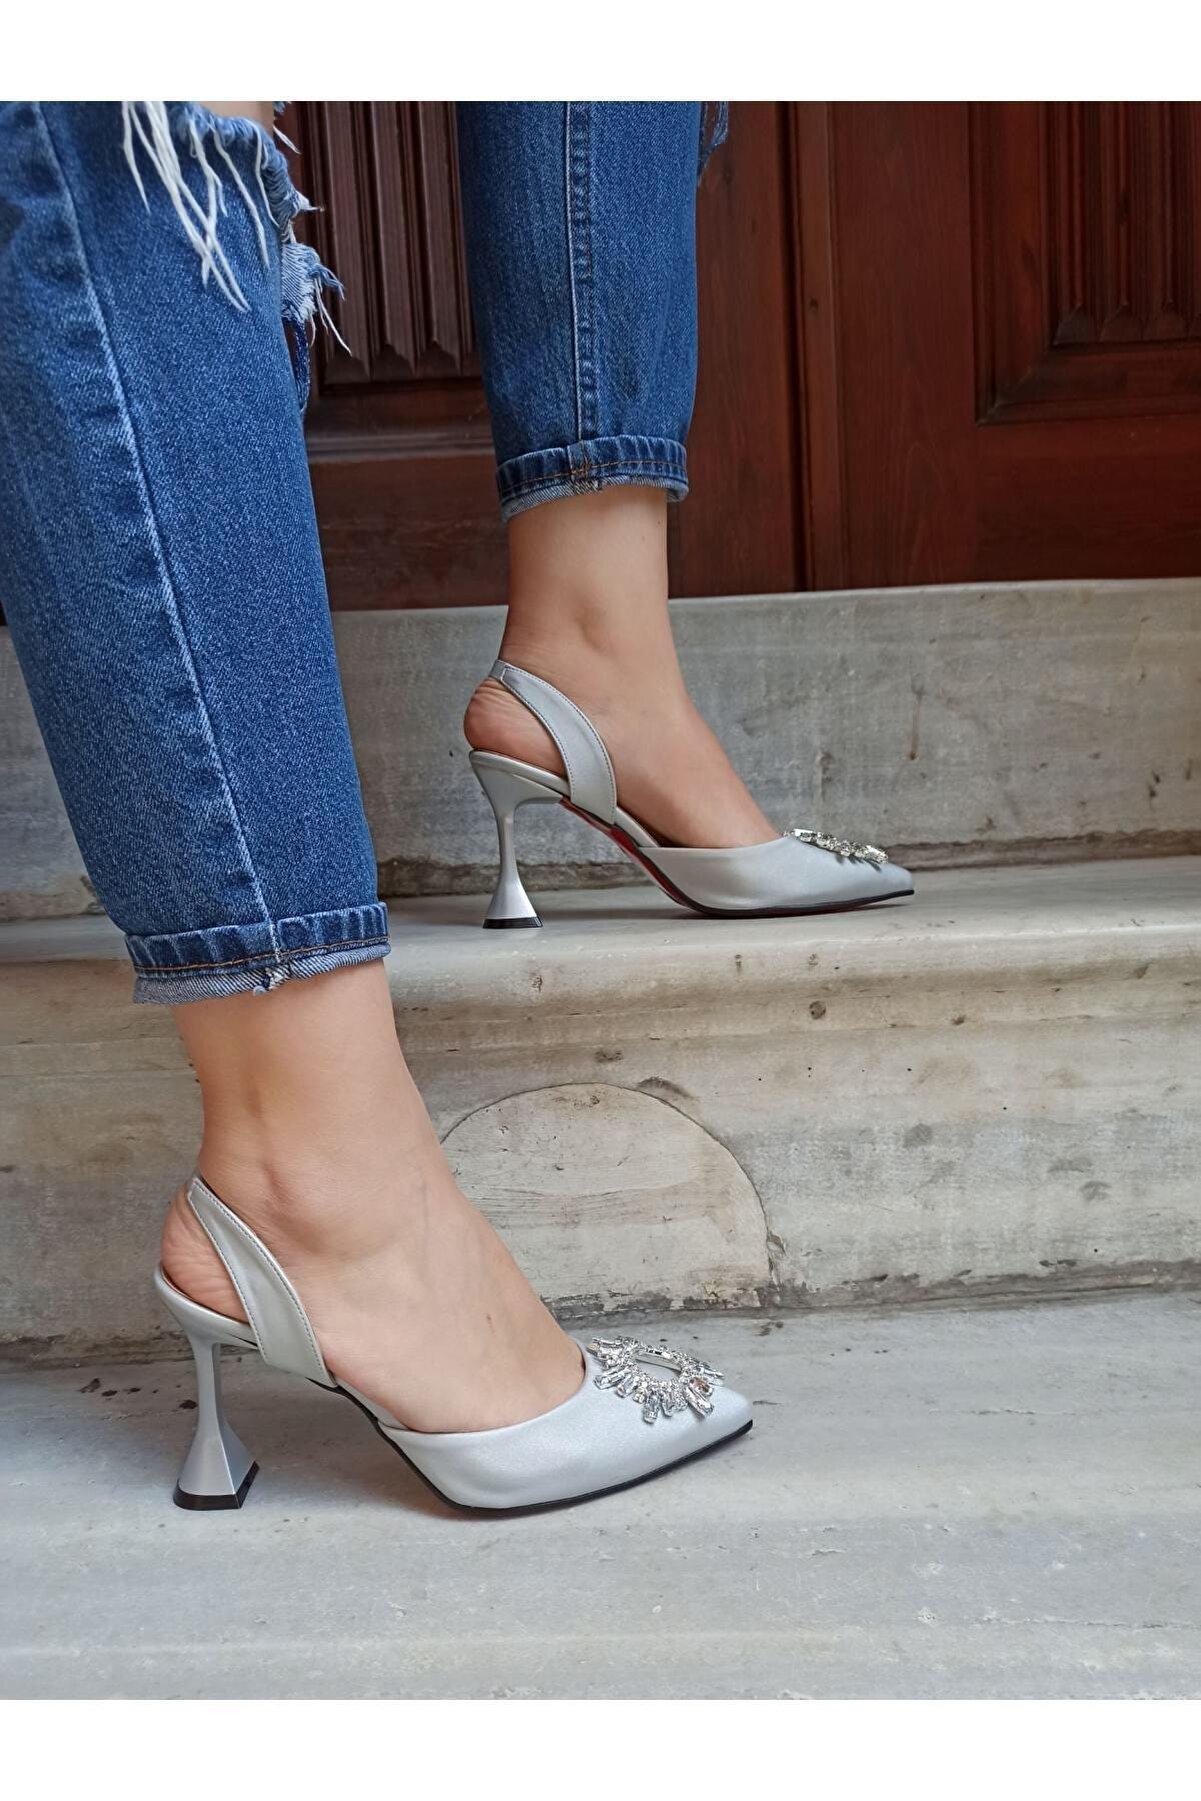 DS AYAKKABI Kadın Gümüş Saten Güneş Taşlı Arkadan Lastikli 9 Cm Topuklu Ayakkabı